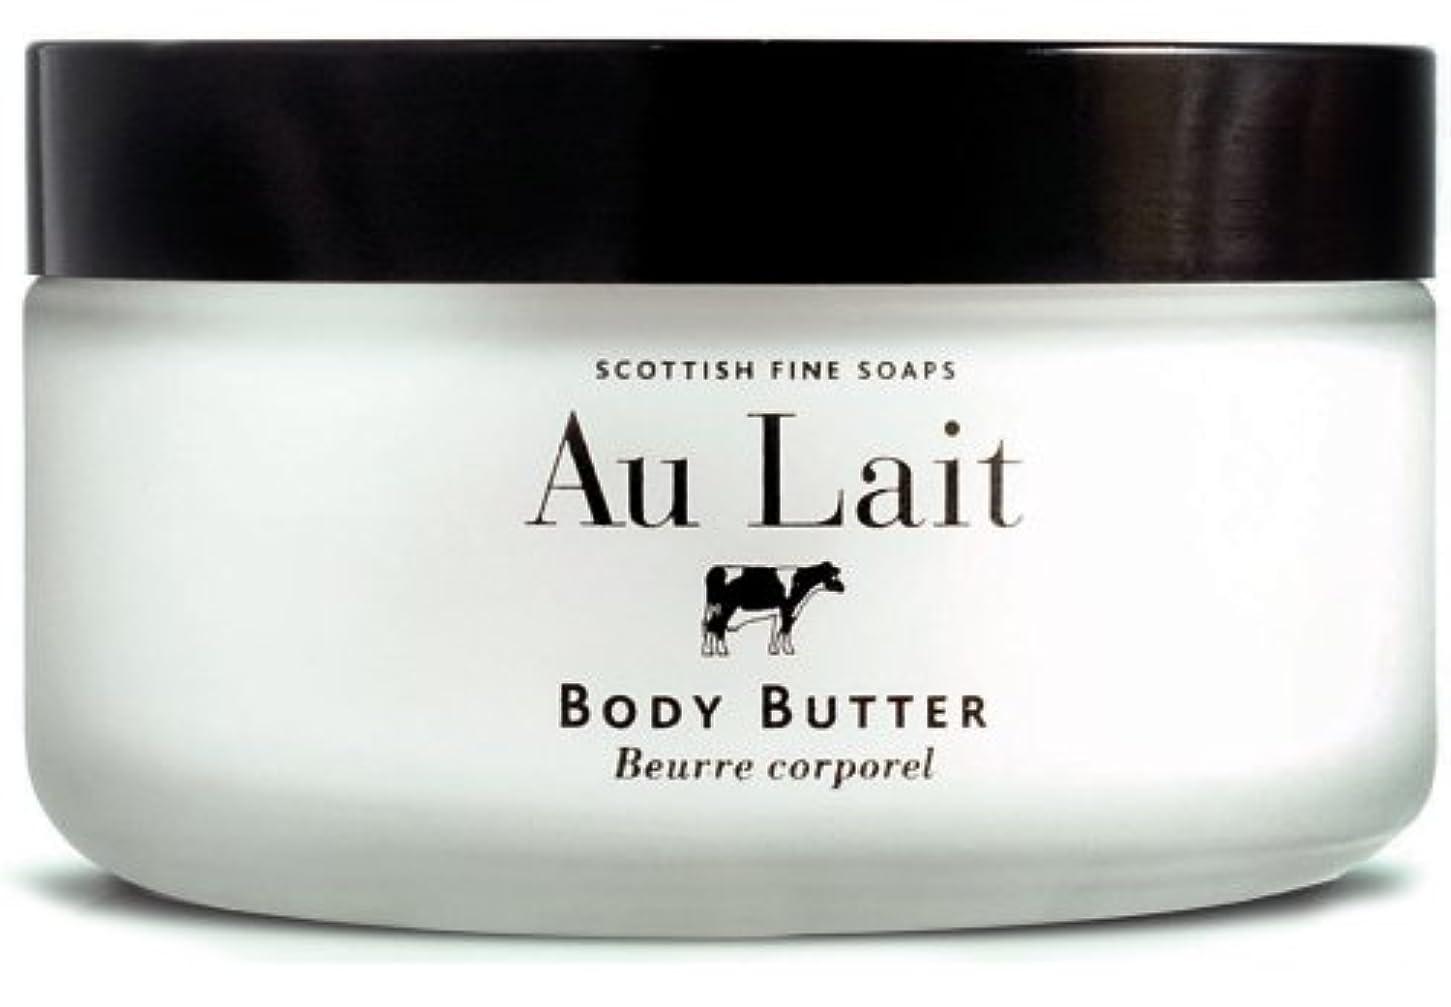 財布ファウル化石SCOTTISH FINE SOAPS (スコティッシュファインソープ) Au Lait ボディバター